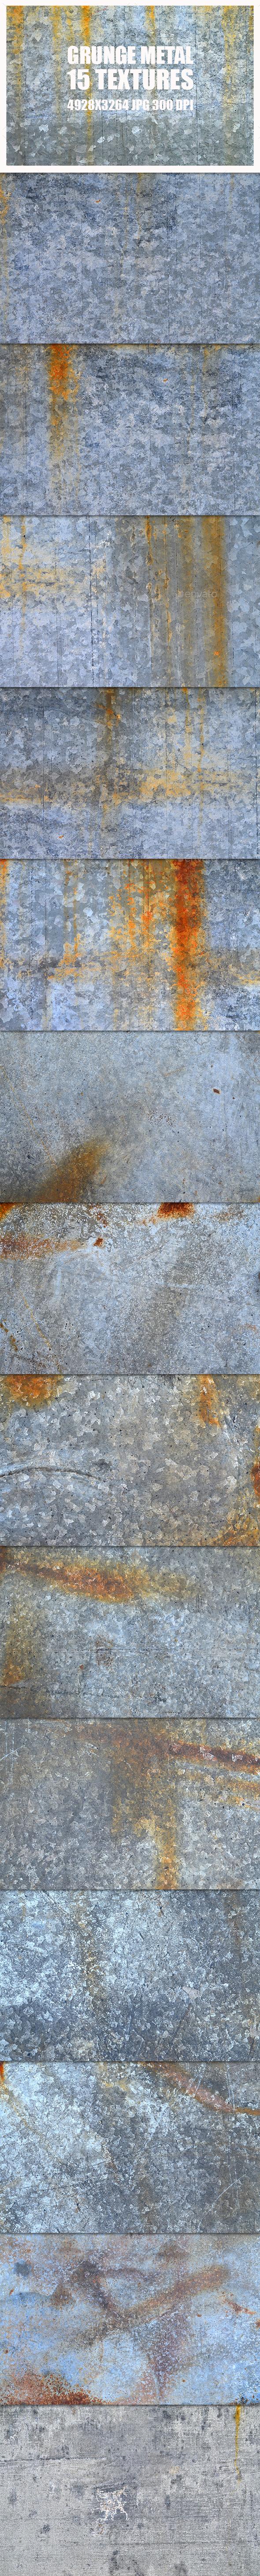 Grunge Metal Textures 3 - Metal Textures